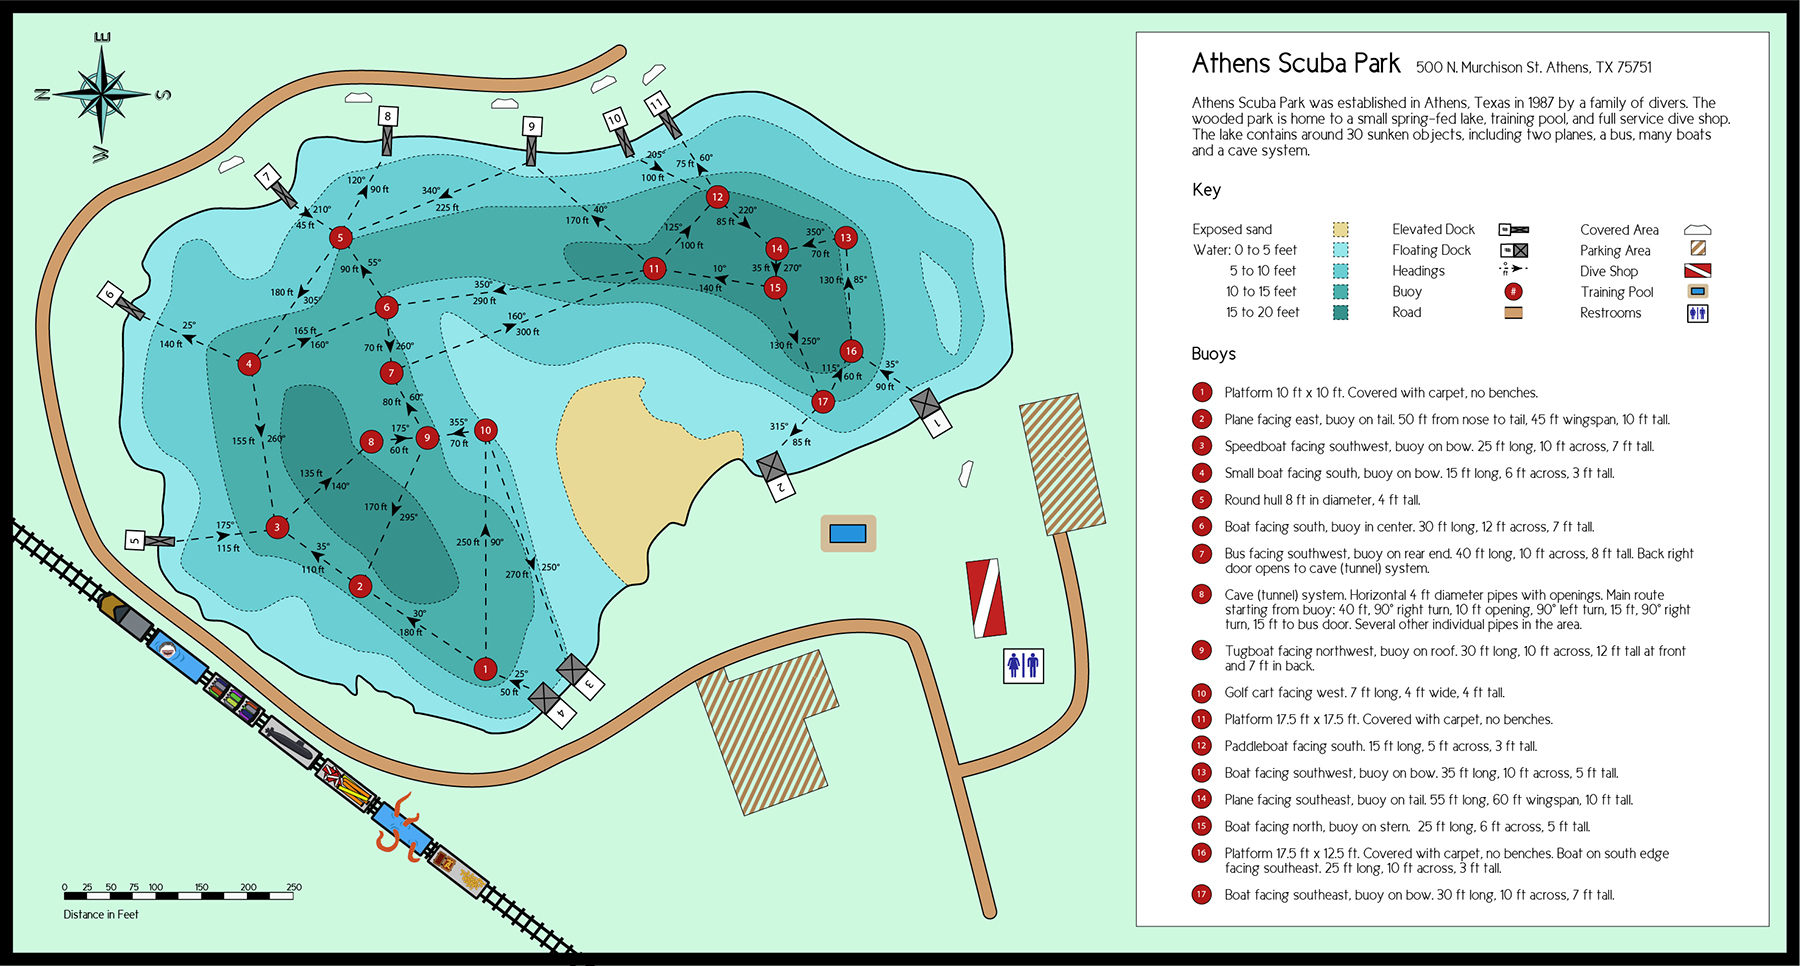 Athens Scuba Park